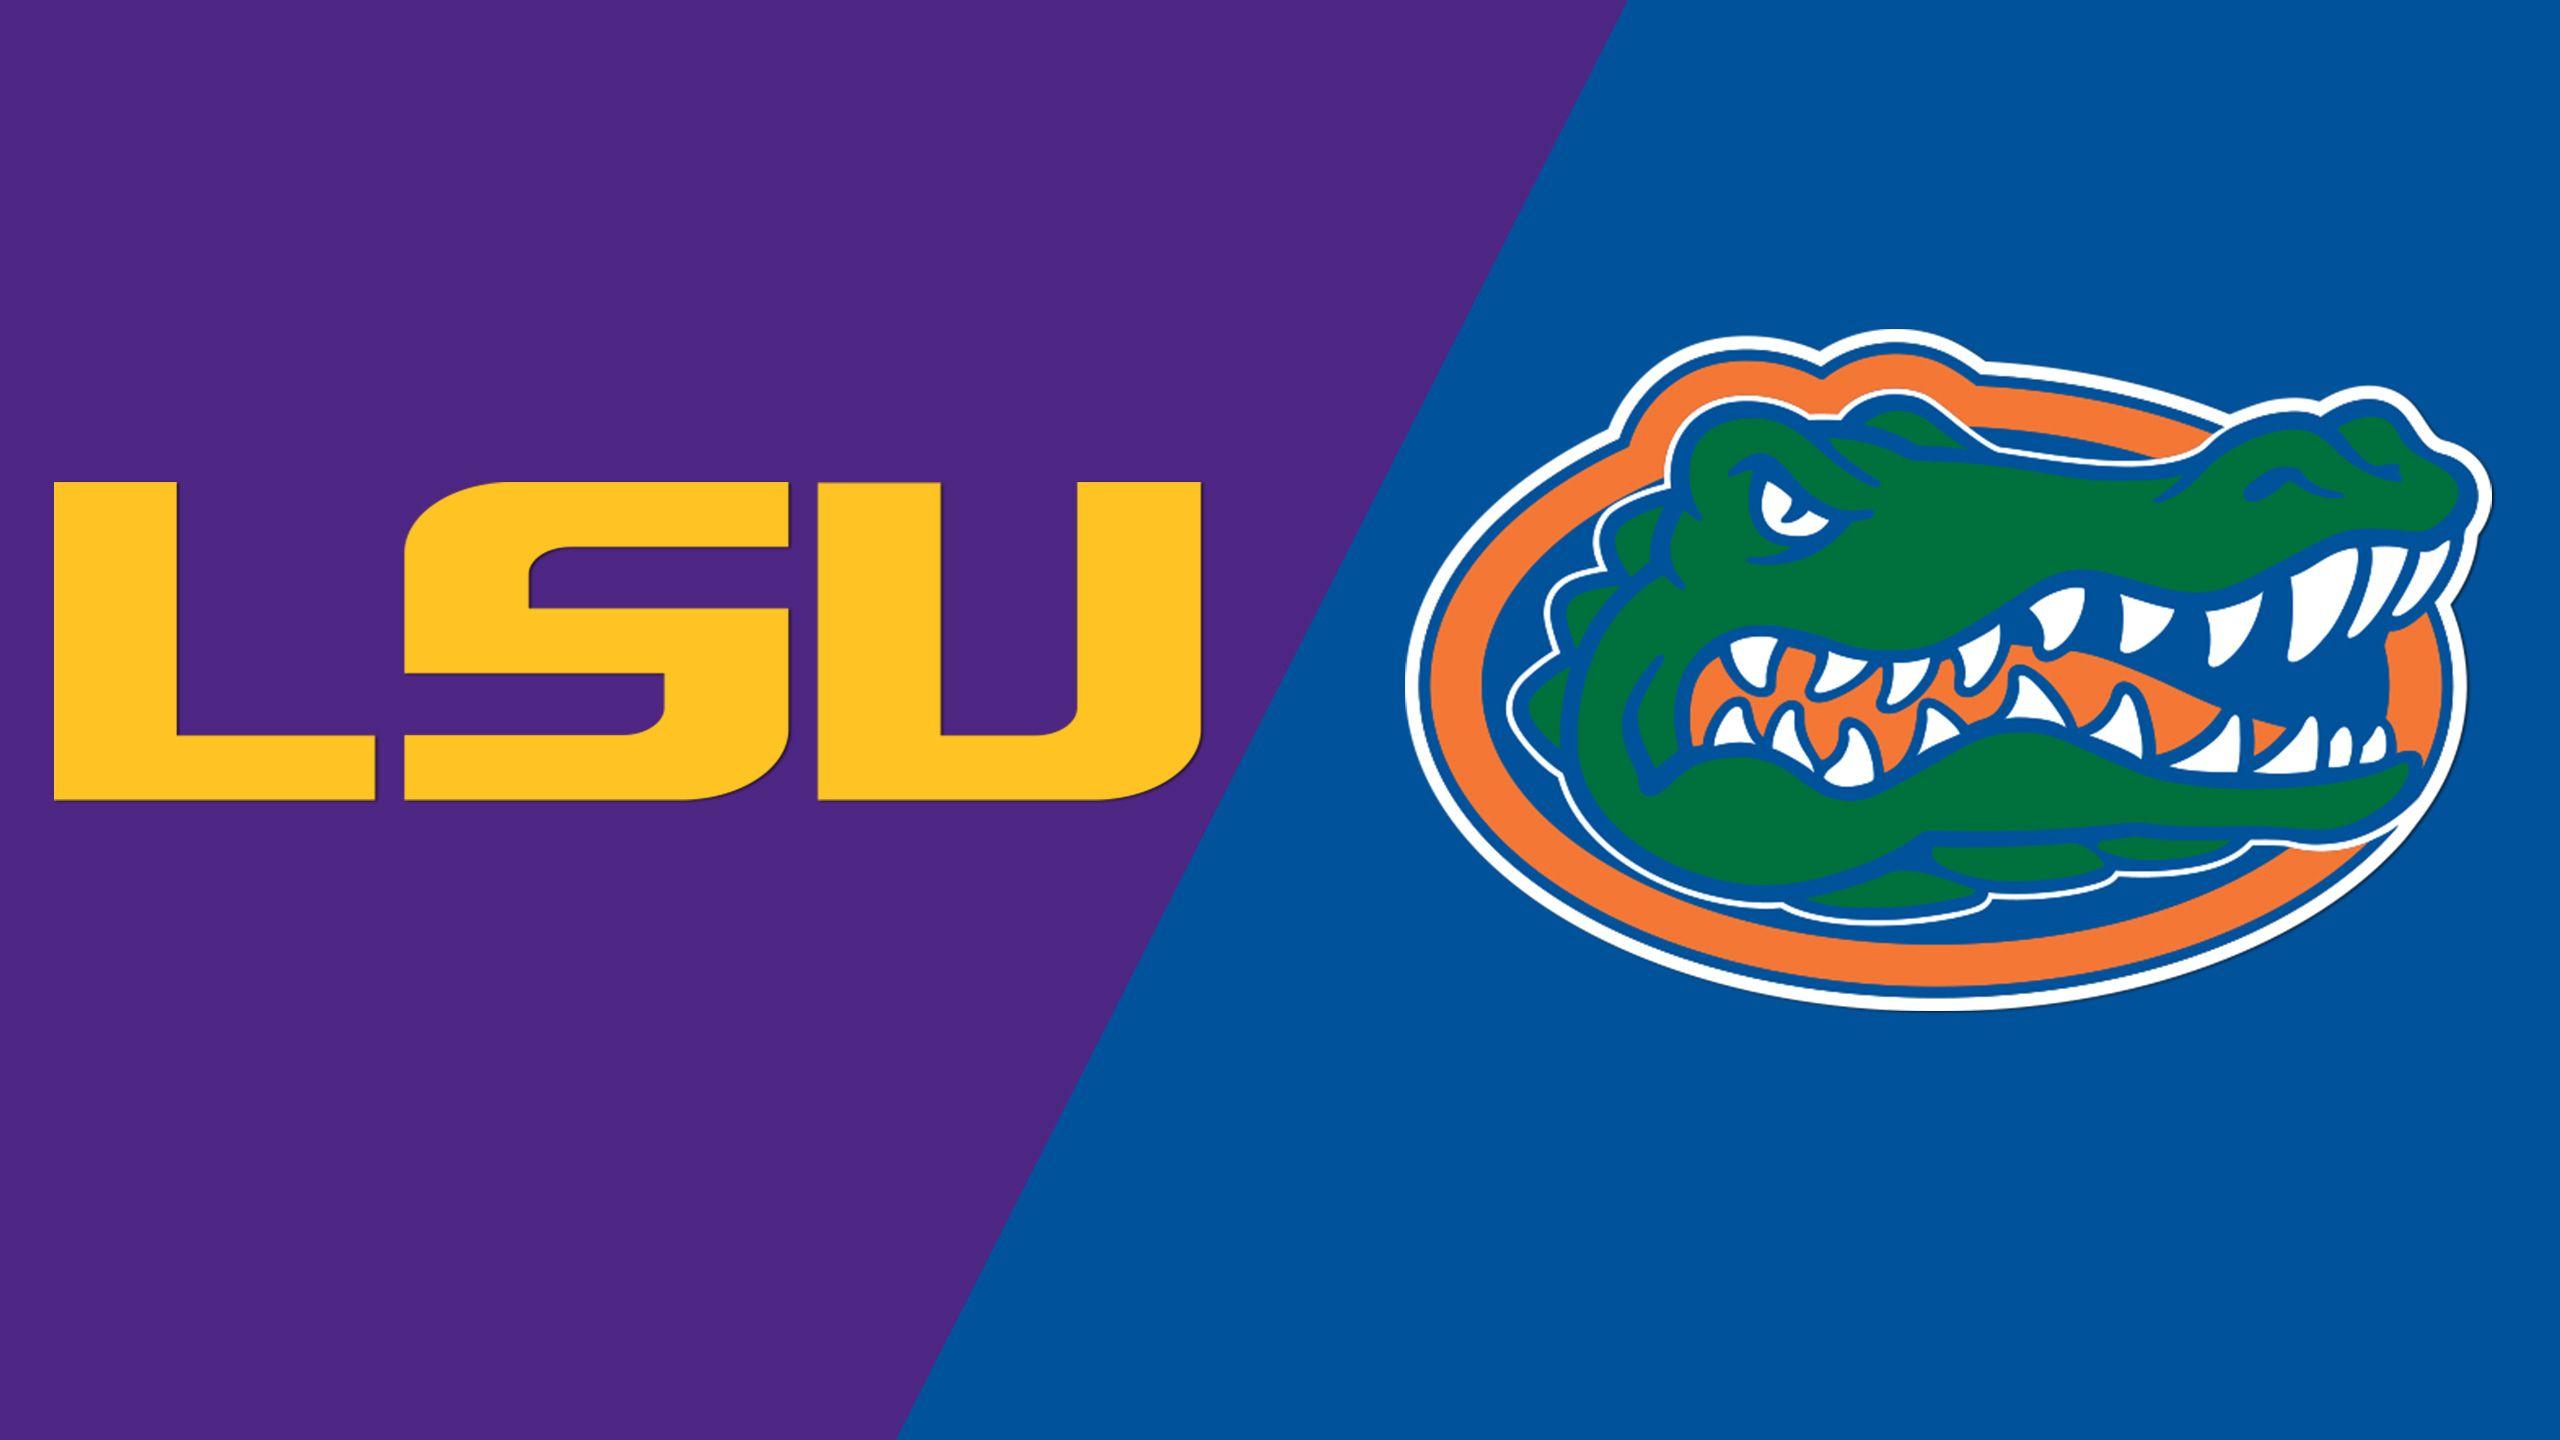 #14 LSU vs. #5 Florida (Softball)